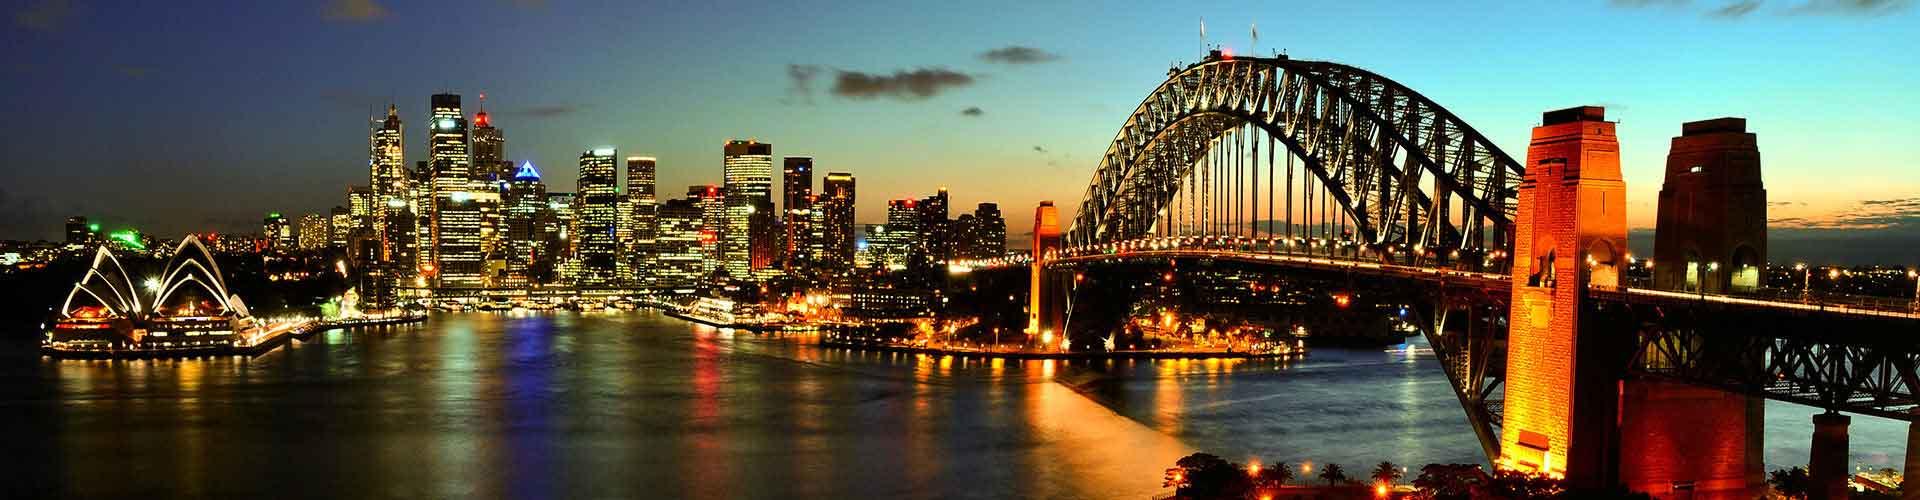 Sydney - Pokoje w dzielnicy: Redfern Estate, Mapy dzielnicy: Sydney, Zdjęcia i Recenzje dla każdego pokoju w dzielnicy: Sydney.